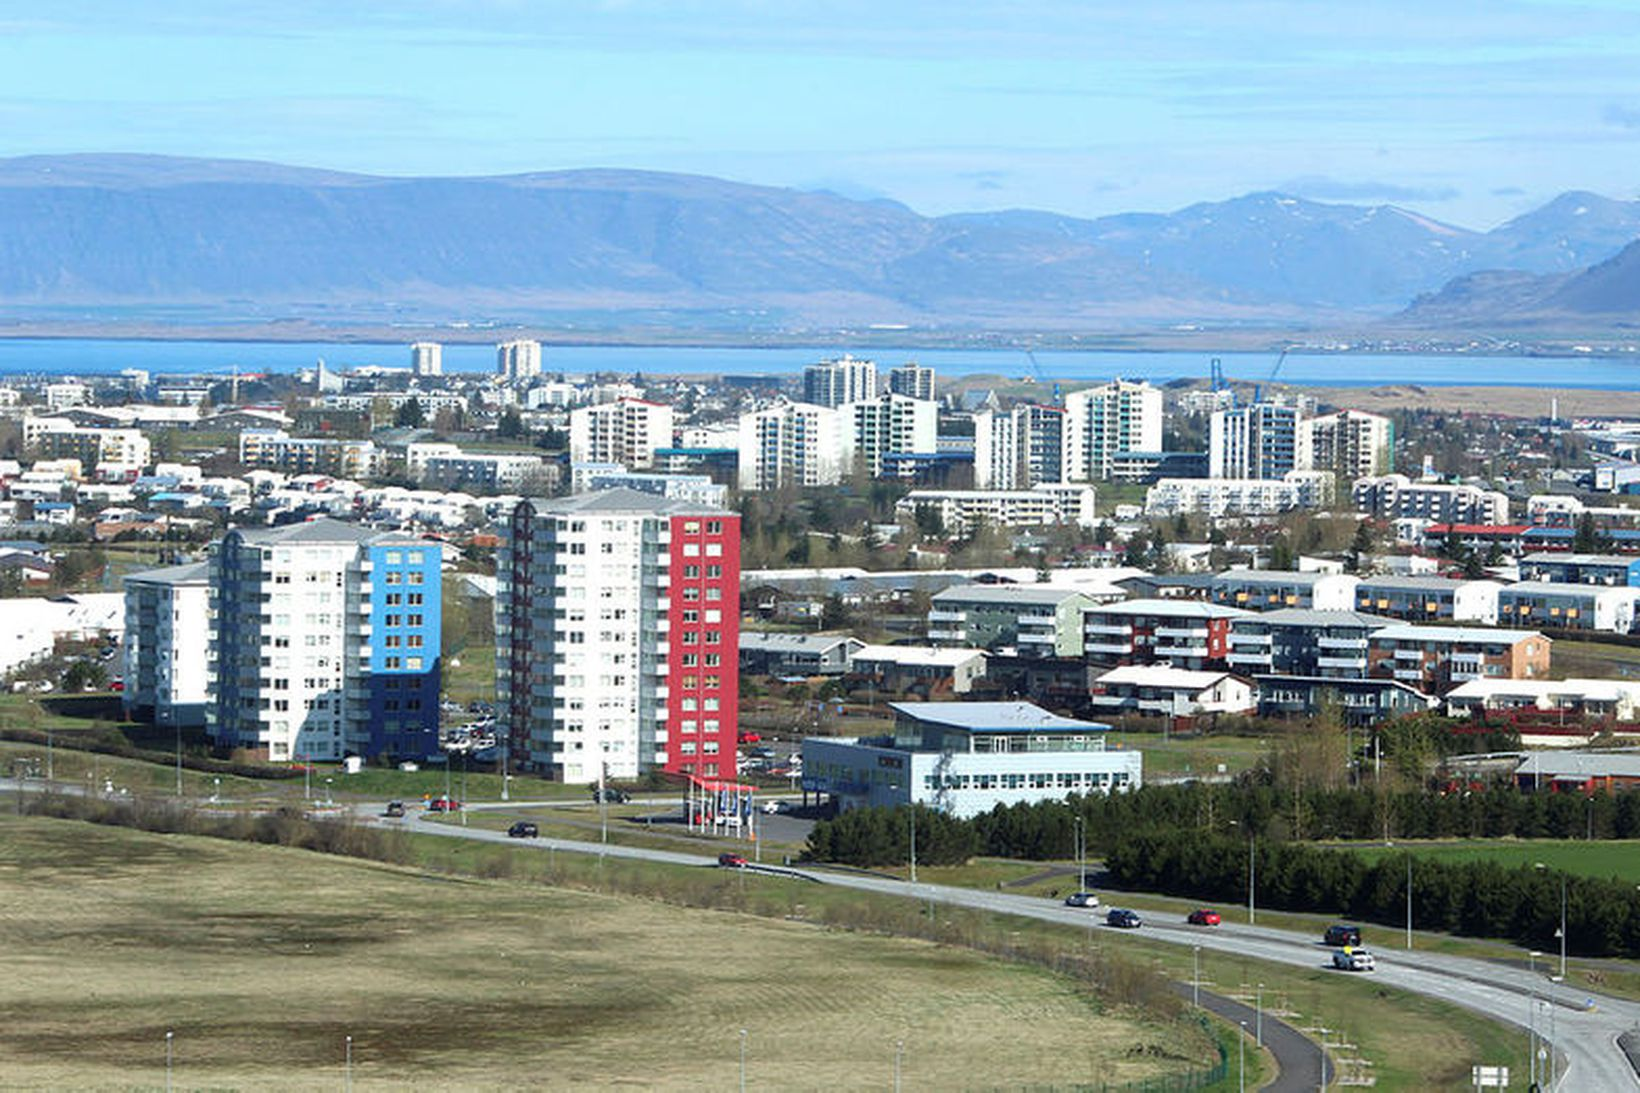 Frá höfuðborgarsvæðinu. Horft yfir efstu byggðir í Kópavogi, Reykjavík í …